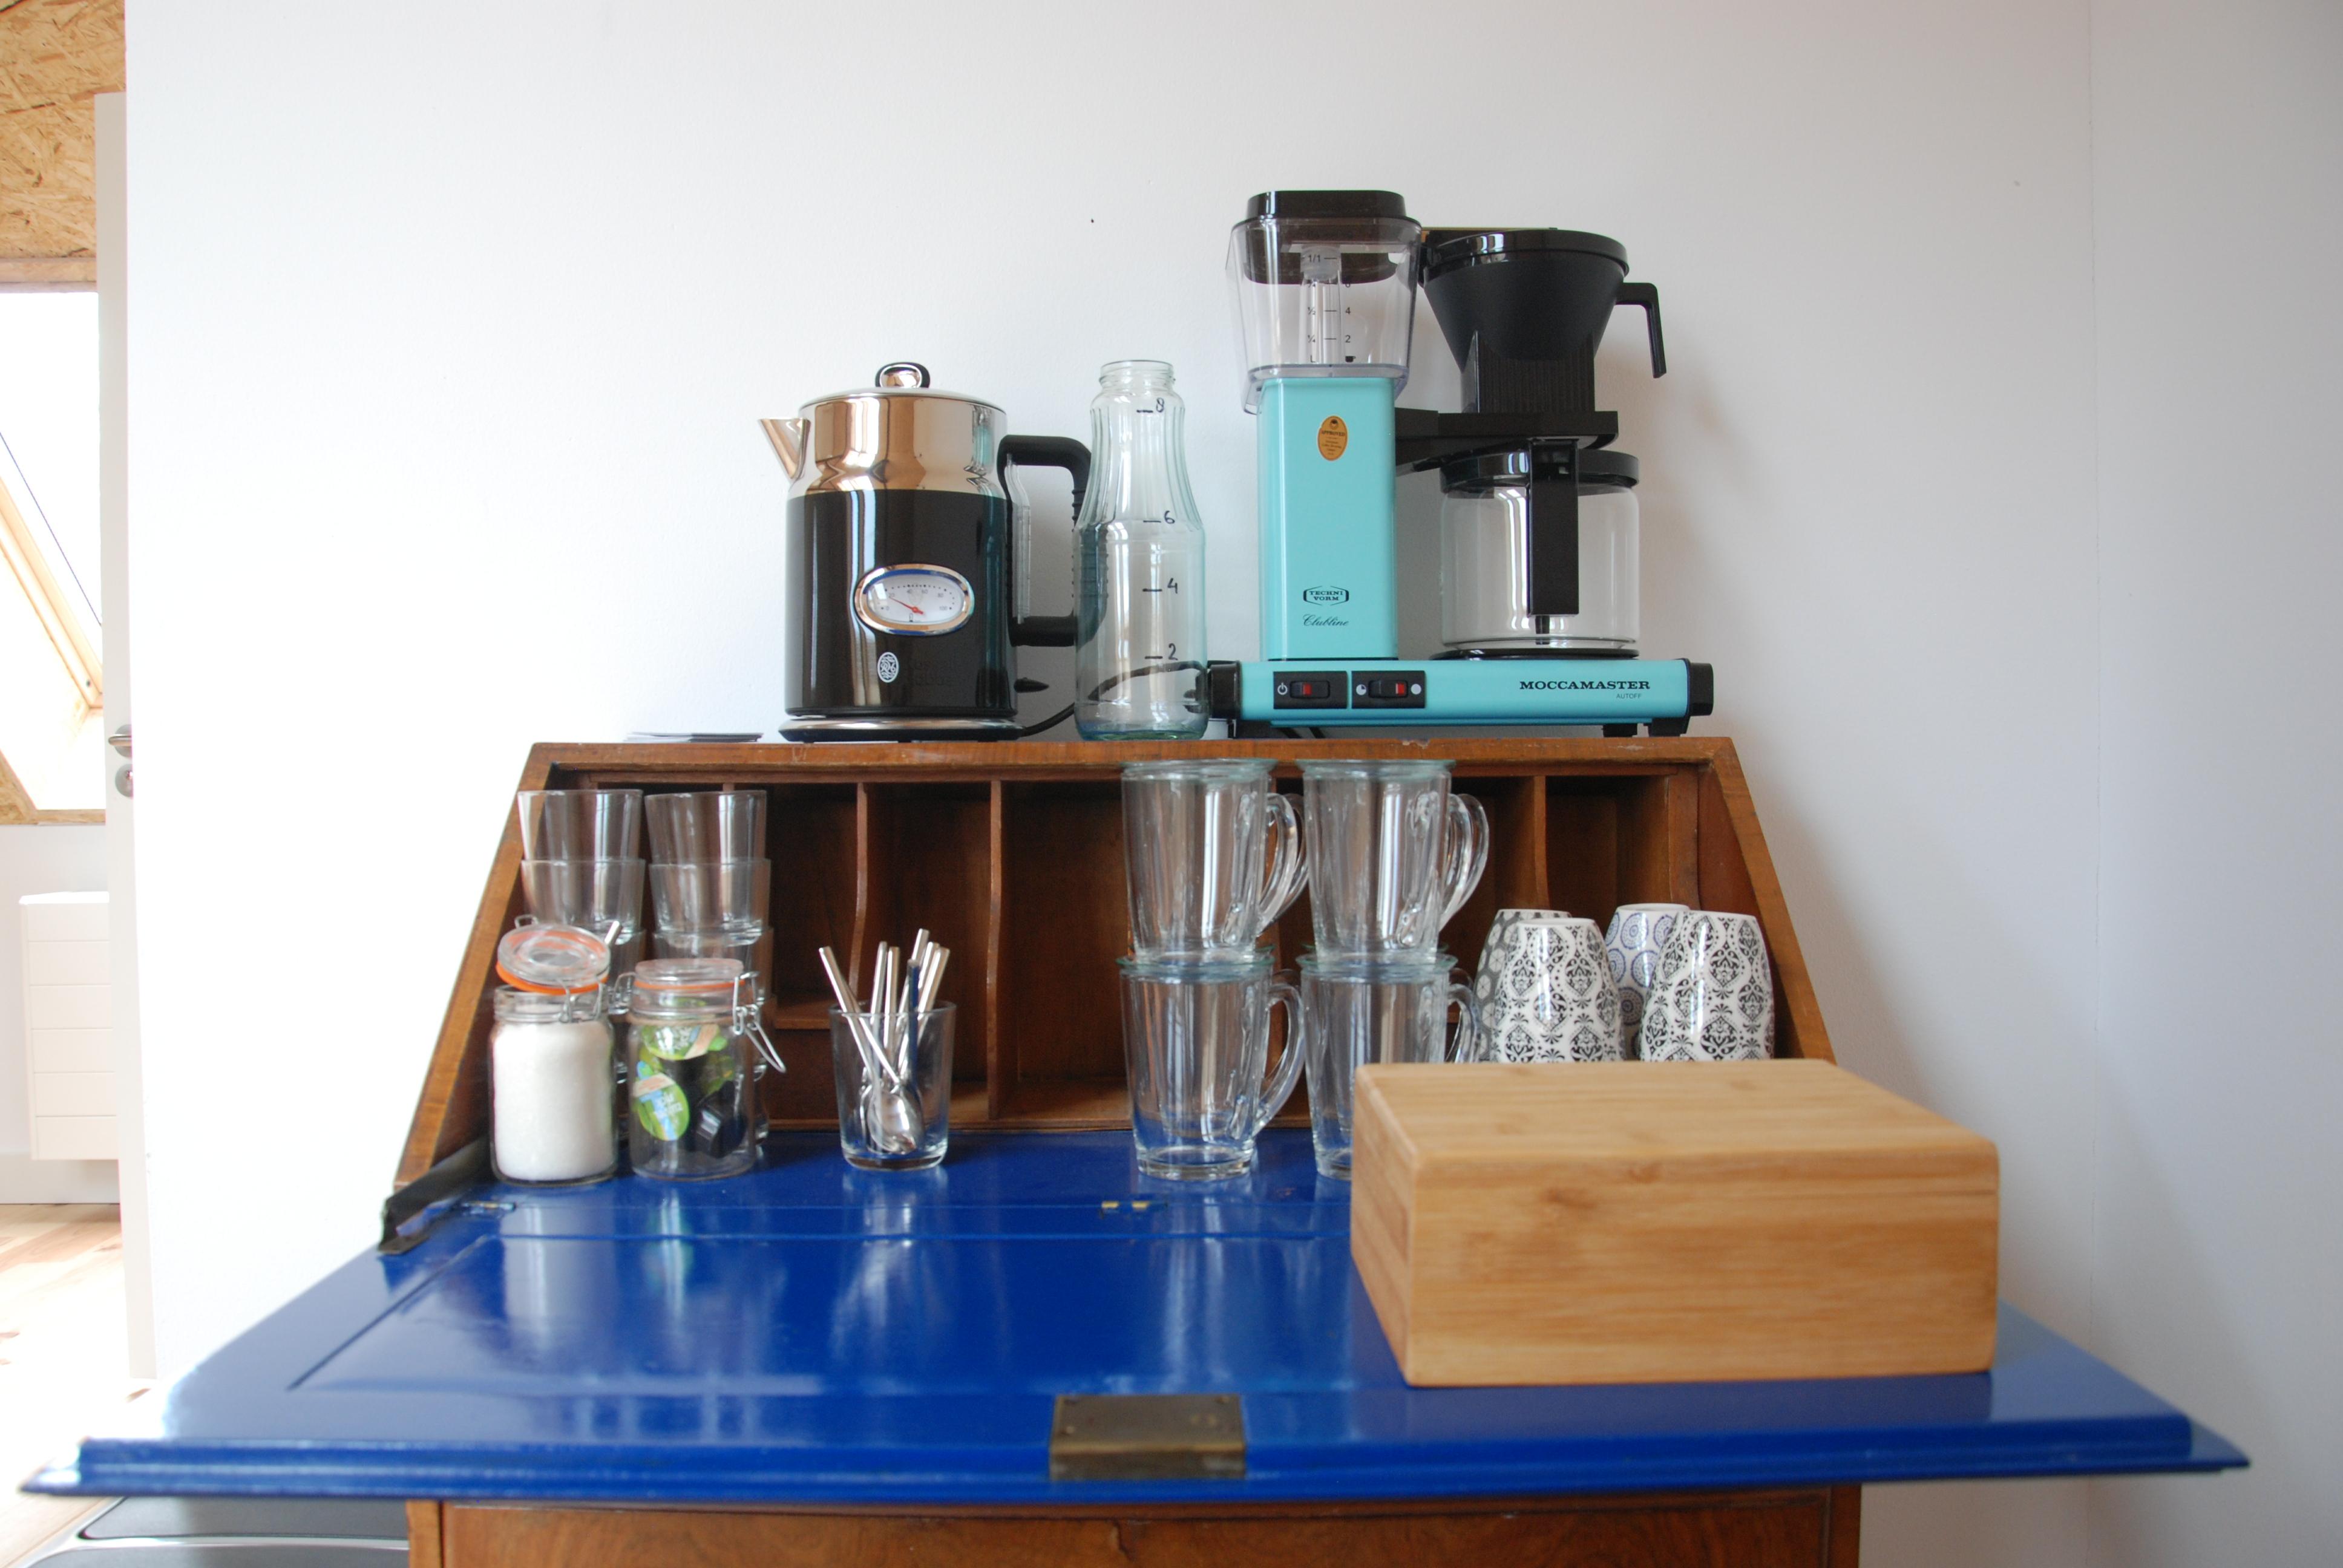 koffie en thee is altijd inbegrepen bij de huur van onze ruimtes